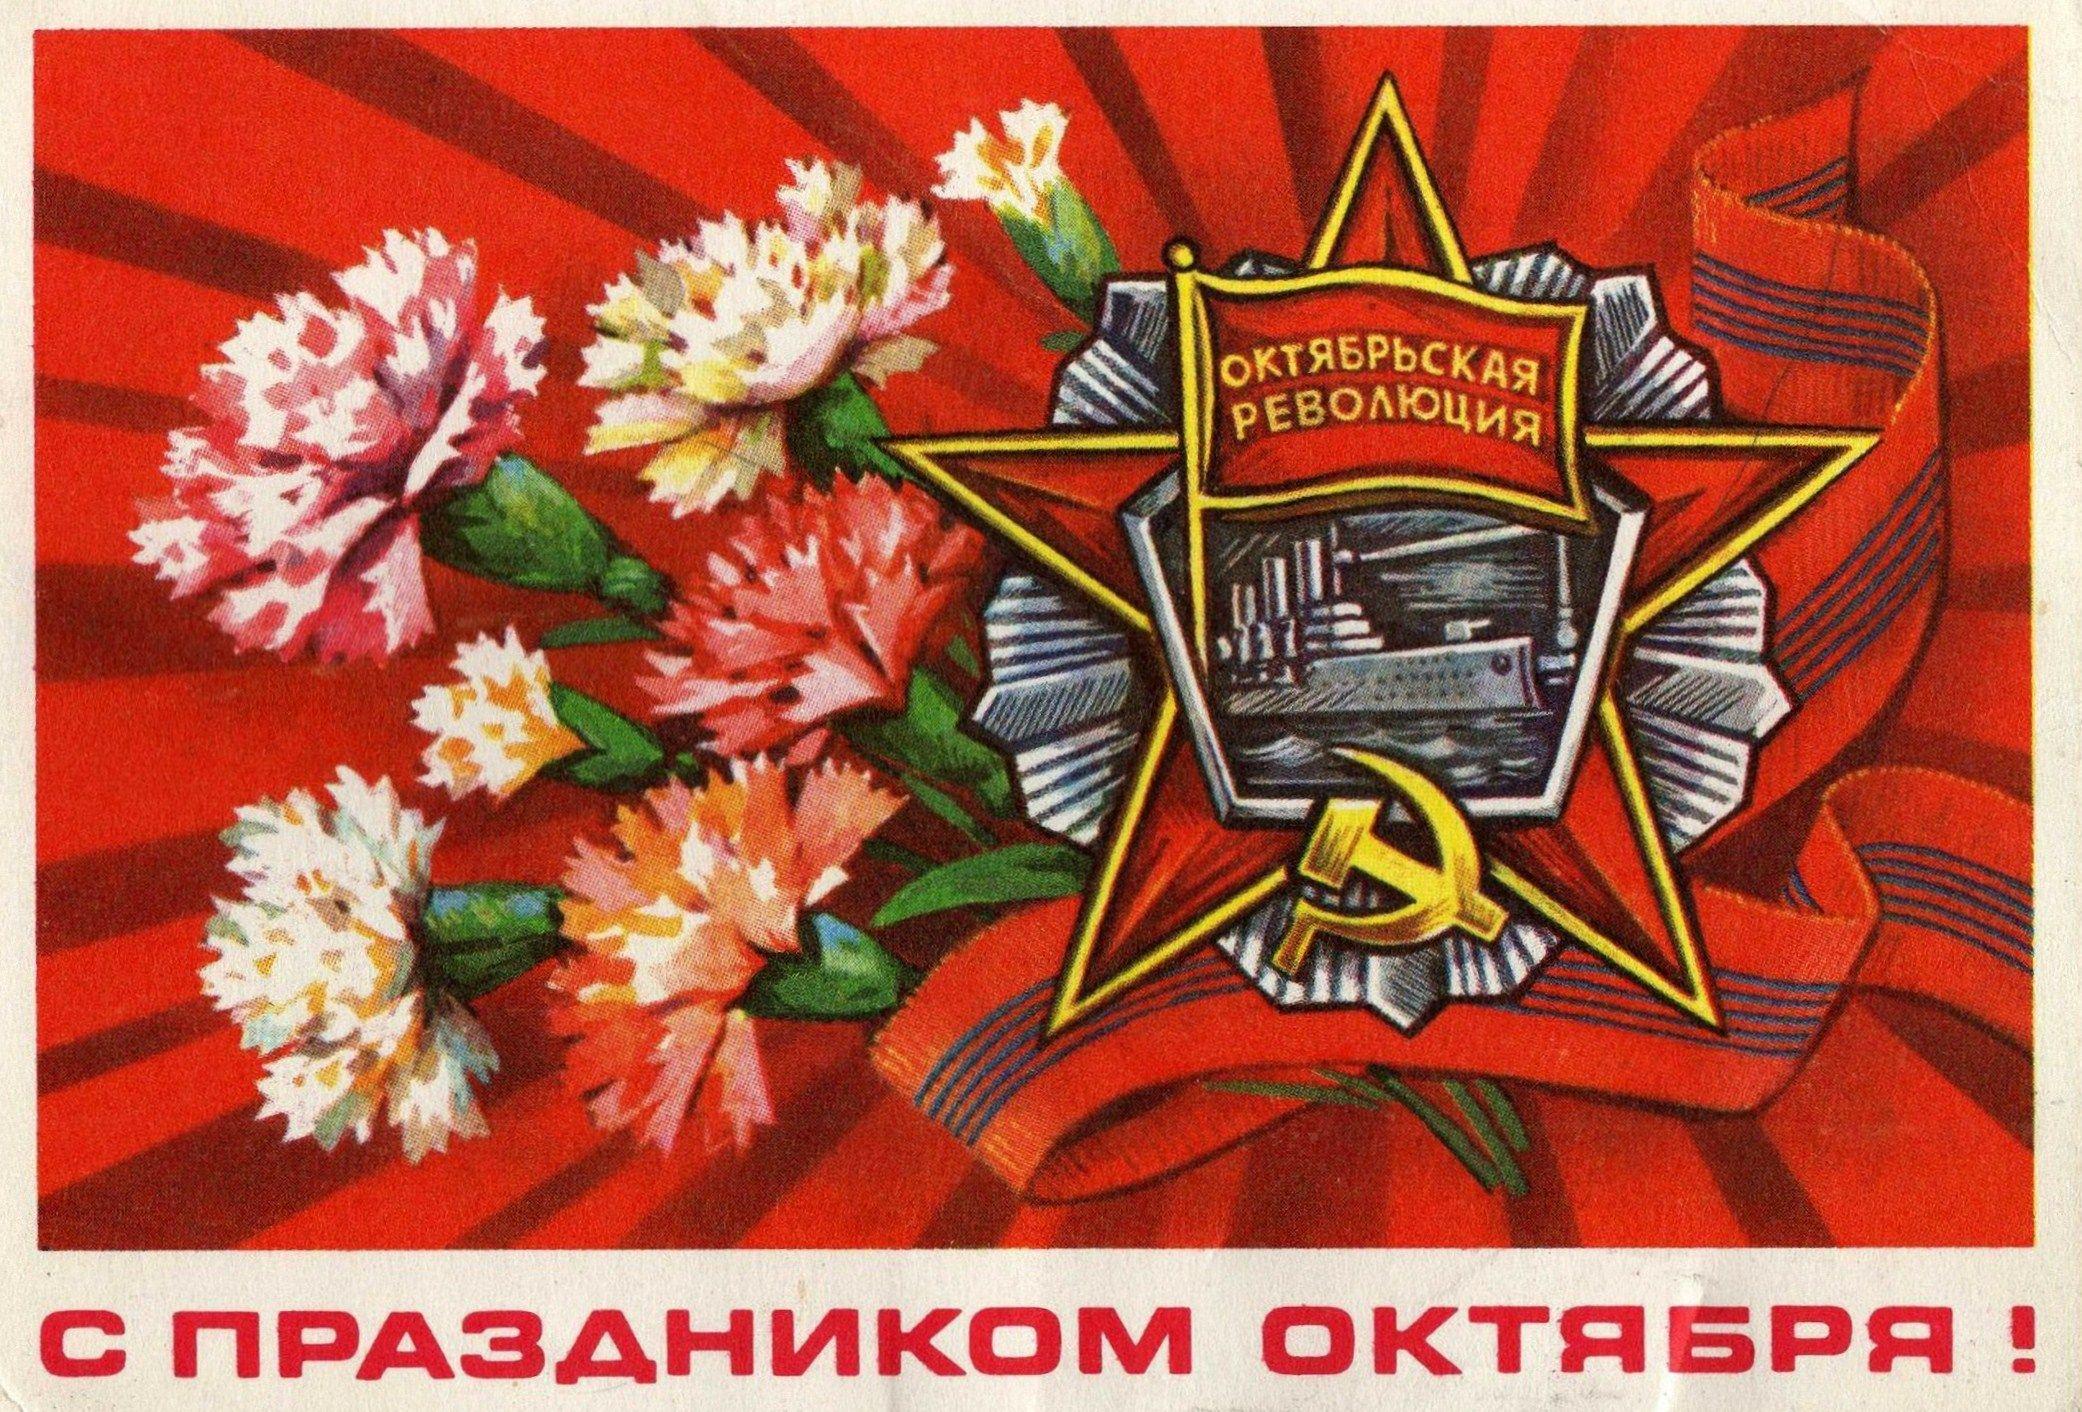 Картинки день революции 7 ноября, рождественские стихами открытка